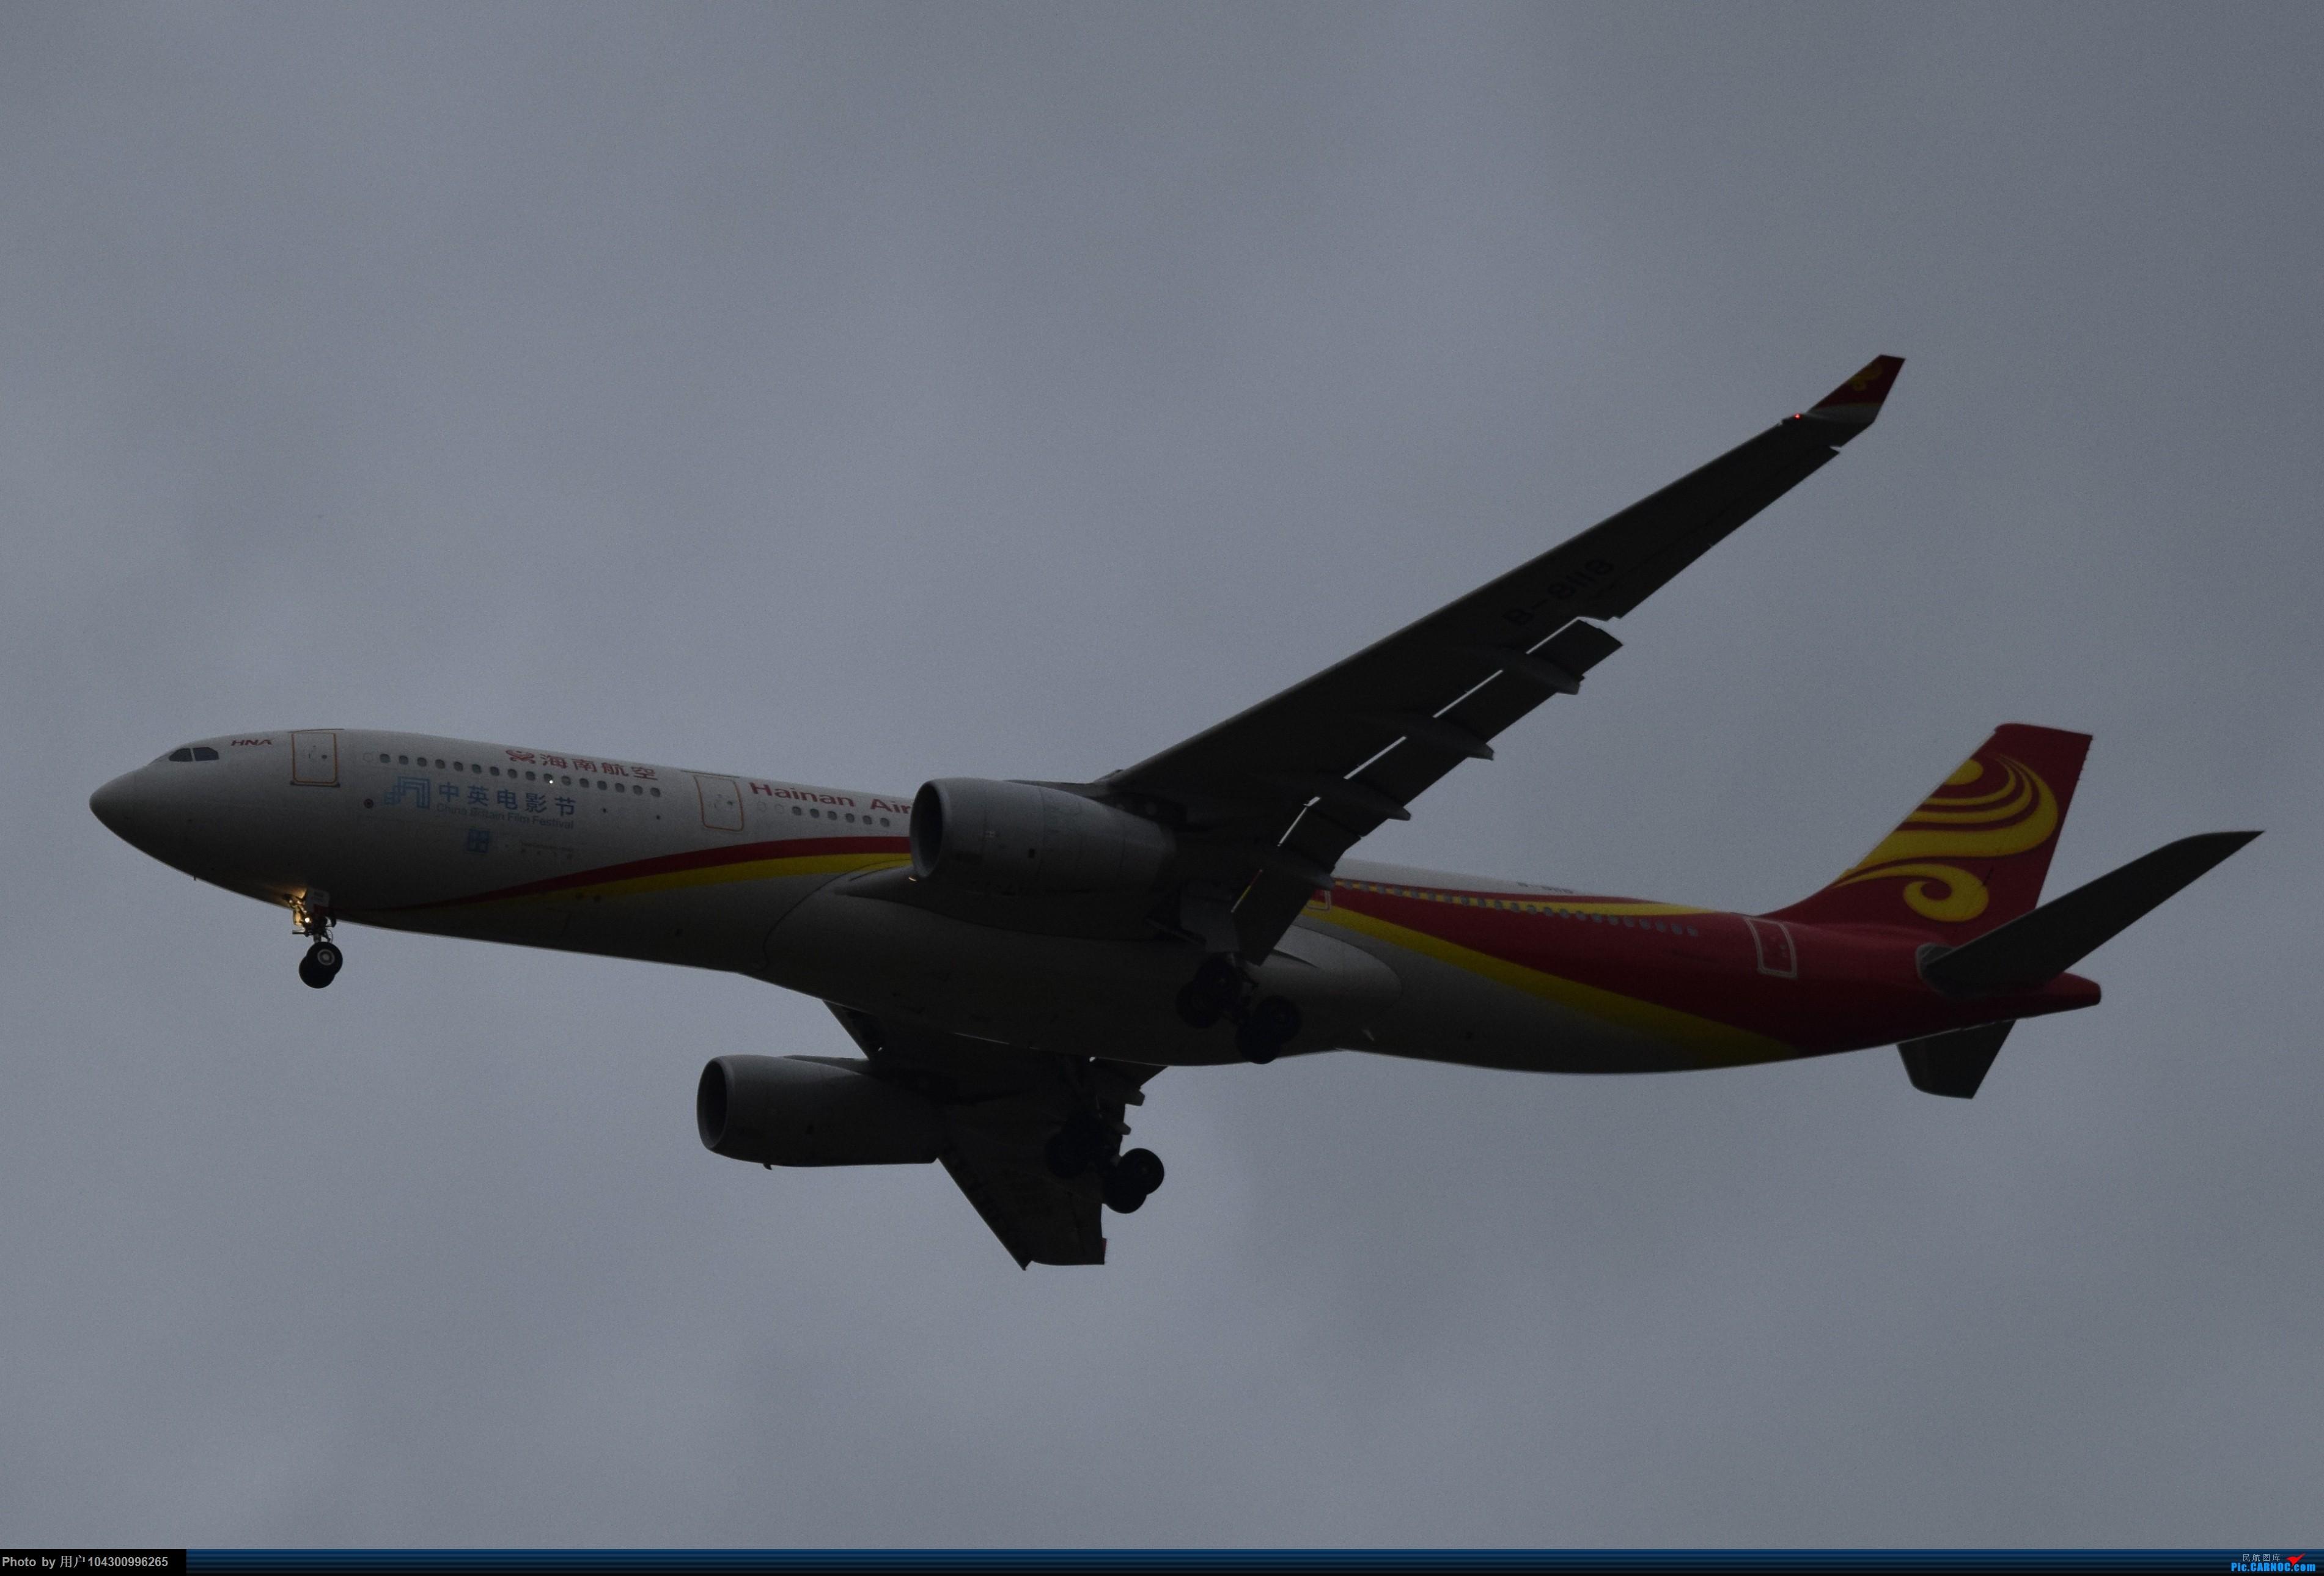 Re:[原创]乌云、雨雾之中的贵阳龙洞堡 AIRBUS A330-300 B-8118 中国贵阳龙洞堡国际机场